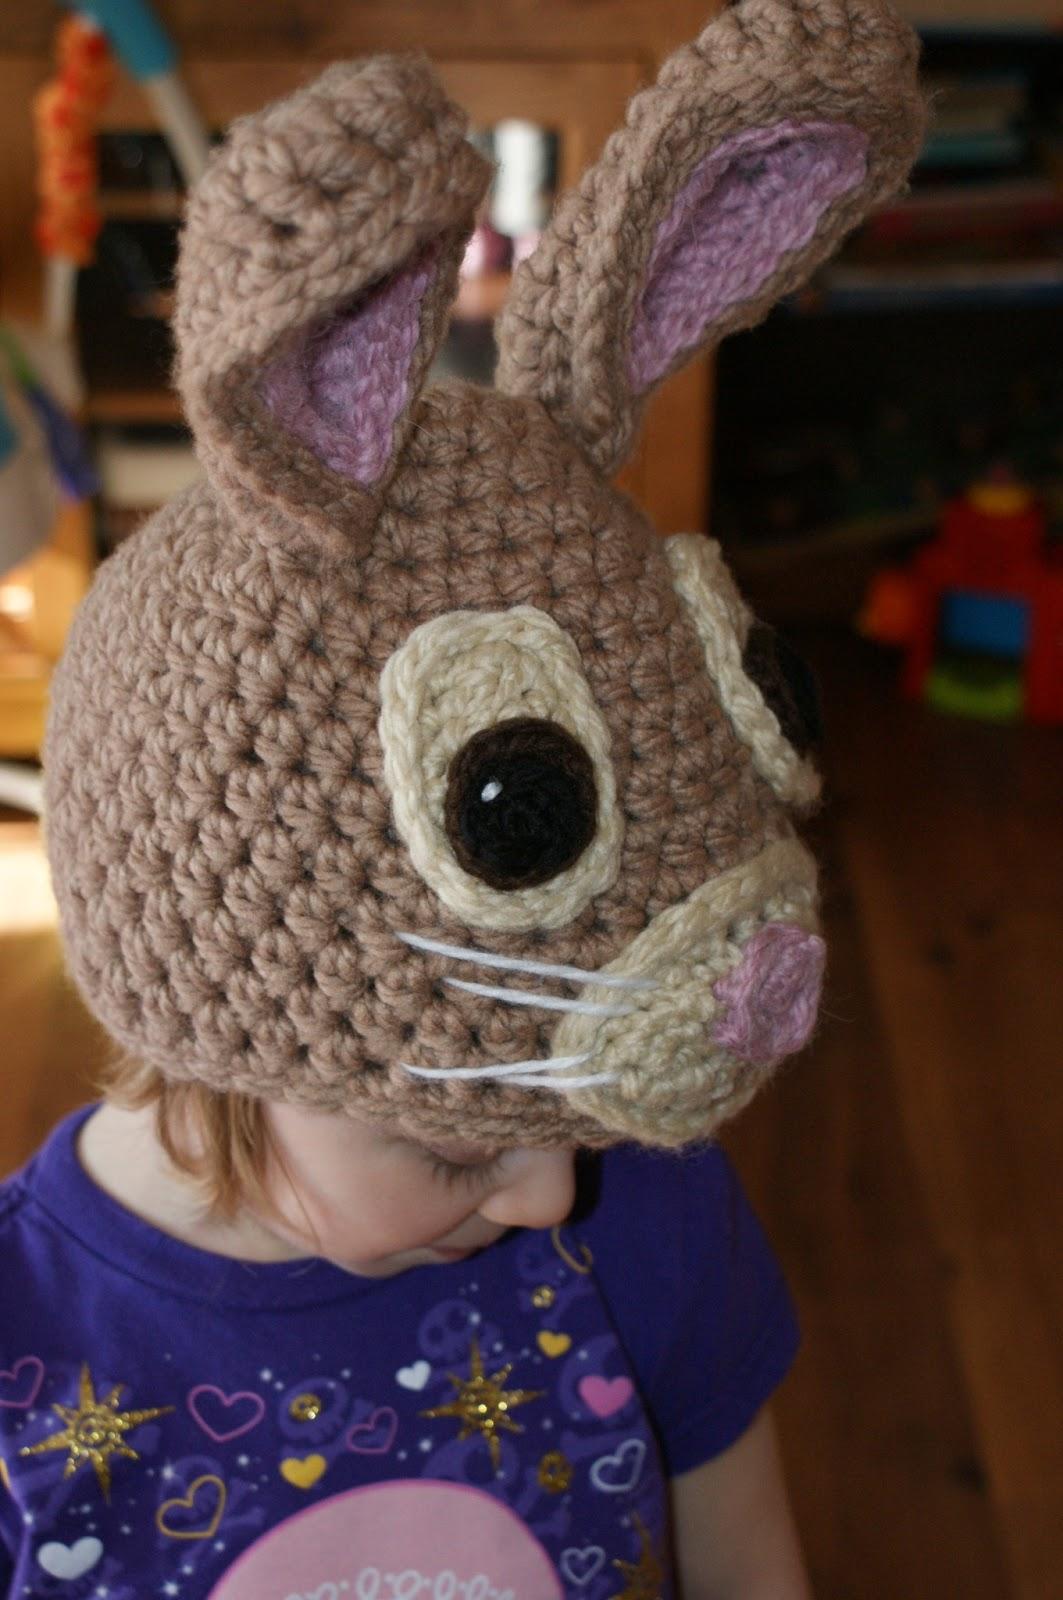 Darla S Bunny Hat Oombawka Design Crochet